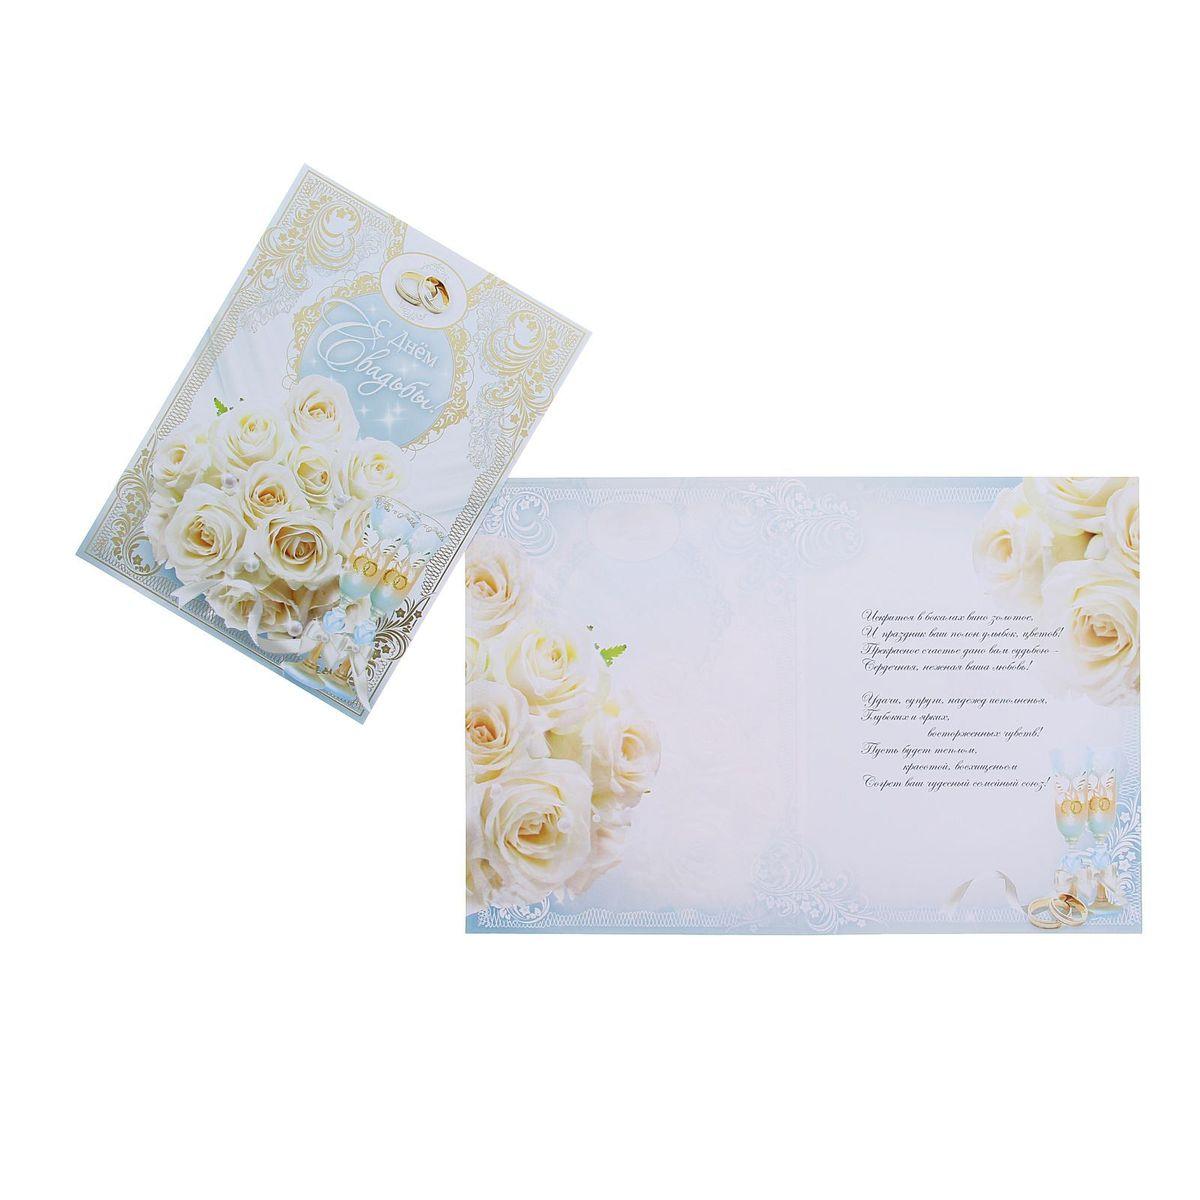 Открытка Атмосфера праздника С днем свадьбы! Белые цветы1132052Если вы хотите порадовать себя или близких, создать праздничное настроение и с улыбкой провести памятный день, то вы, несомненно, сделали правильный выбор! Открытка Атмосфера праздника С днем свадьбы! Белые цветы, выполненная из плотной бумаги, отличается не только оригинальным дизайном, но и высоким качеством.Лицевая сторона изделия оформлена ярким изображением. Внутри открытка содержит текст с поздравлением.Такая открытка непременно порадует получателя и станет отличным напоминанием о проведенном вместе времени.